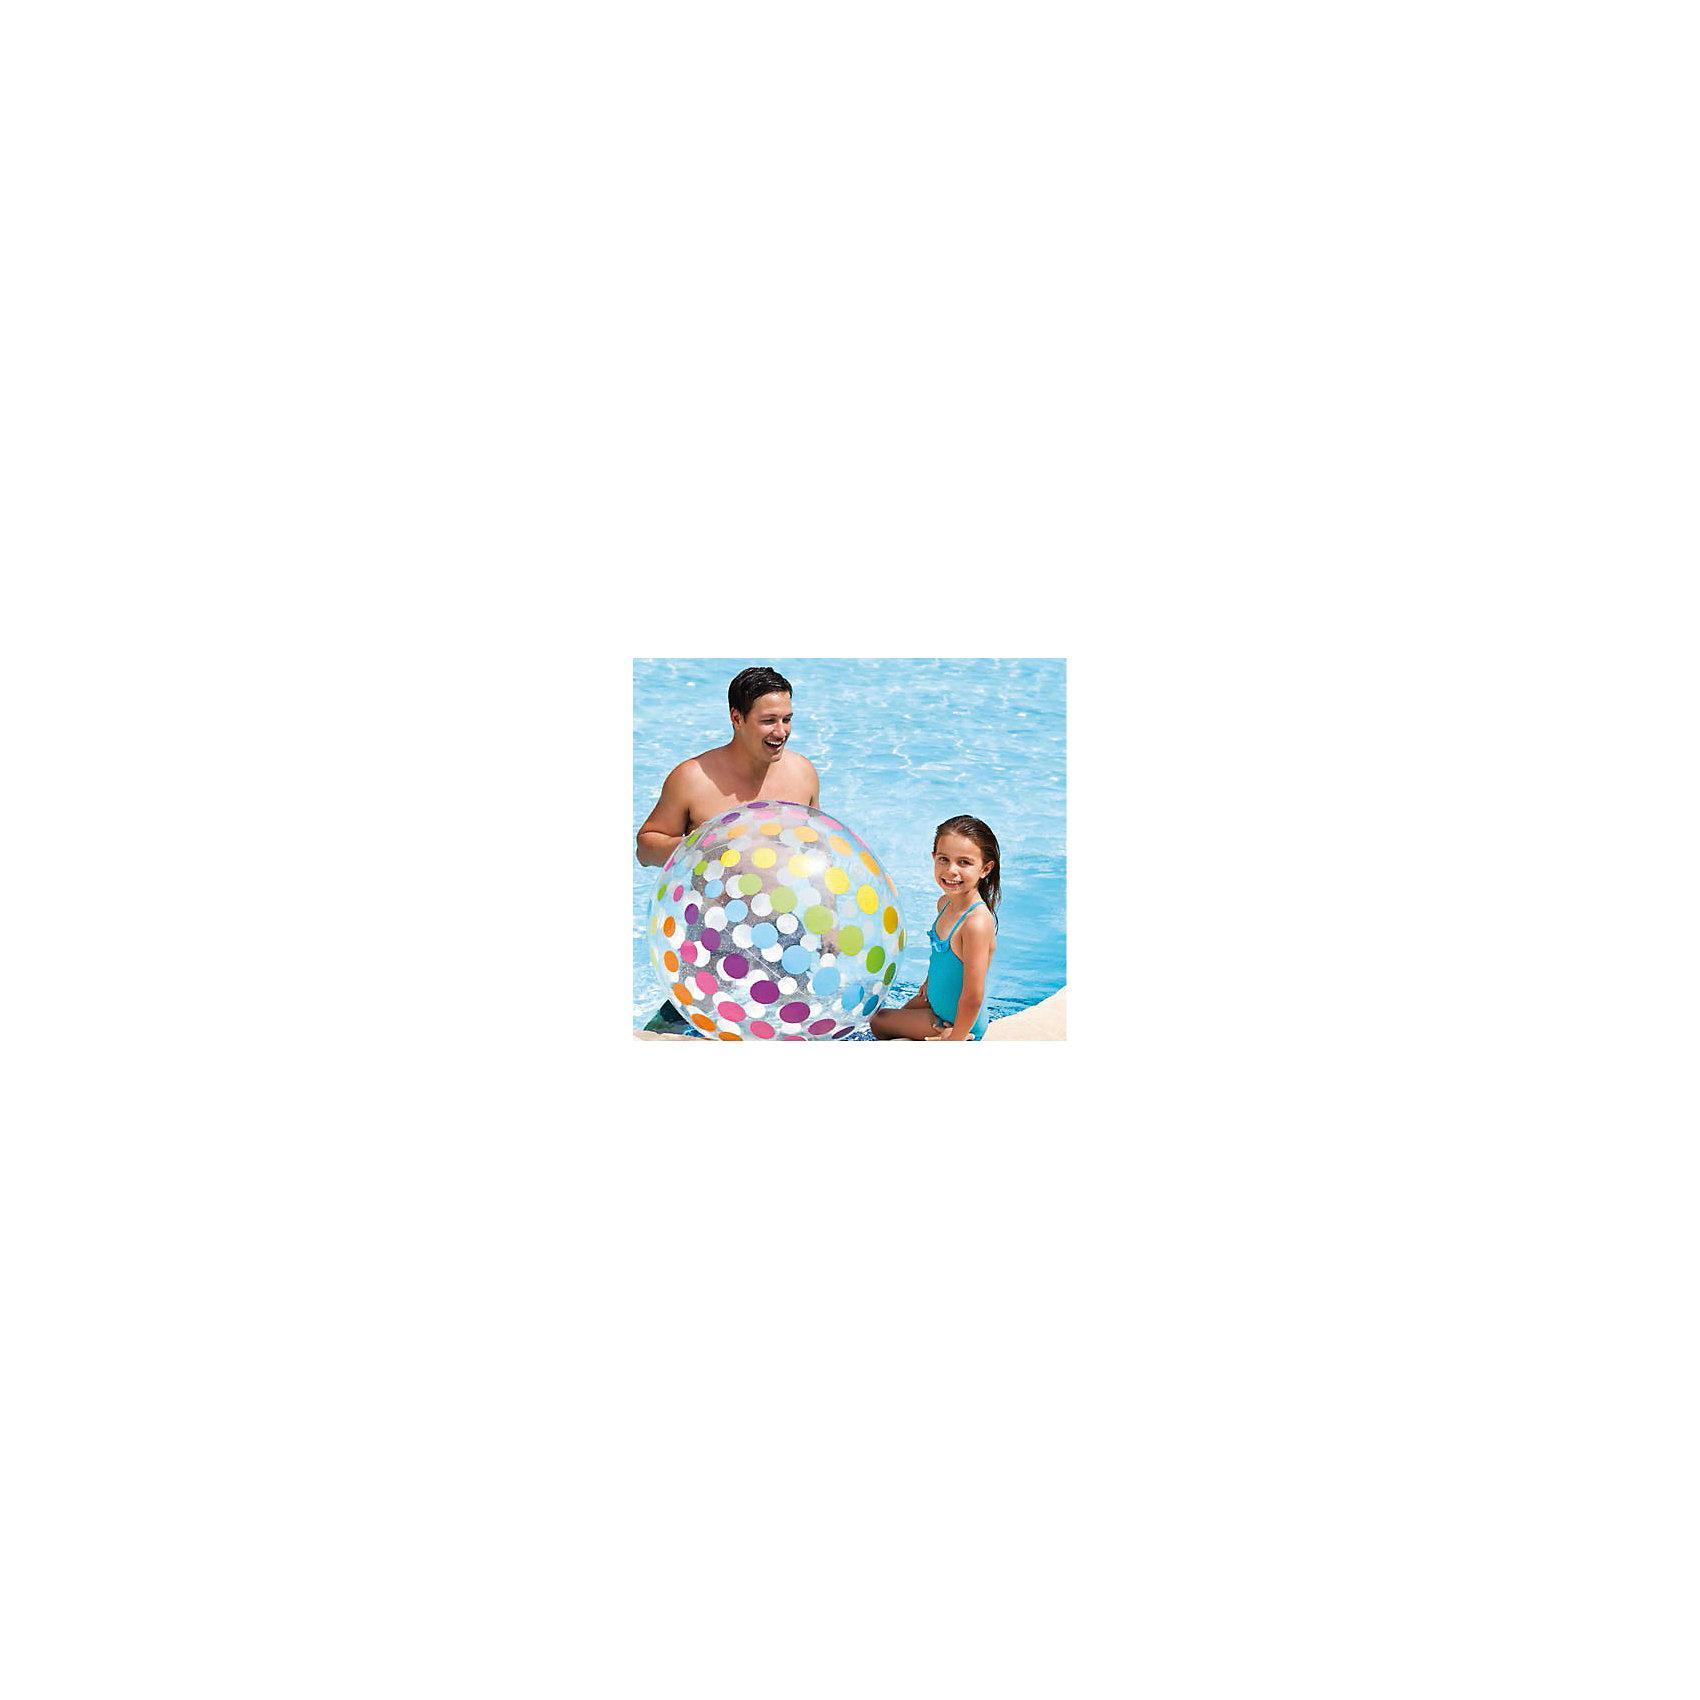 Надувной мяч Гигант, 107 см, IntexМячи детские<br>Характеристики товара:<br><br>• материал: ПВХ. <br>• диаметр: 107 см. <br>• толщина покрытия: 0,25 мм. <br>• яркий привлекательный дизайн. <br>• для детей от 3 лет.<br><br>Большой яркий надувной мяч с приведет в восторг вашего юного непоседу. Мяч подходит для игр в воде, изготовлен из высококачественных прочных материалов безопасных для детей.<br><br>Надувной мяч Гигант, 107 см, Intex (Интекс), можно купить в нашем интернет-магазине.<br><br>Ширина мм: 317<br>Глубина мм: 260<br>Высота мм: 28<br>Вес г: 488<br>Возраст от месяцев: 36<br>Возраст до месяцев: 192<br>Пол: Унисекс<br>Возраст: Детский<br>SKU: 5501944